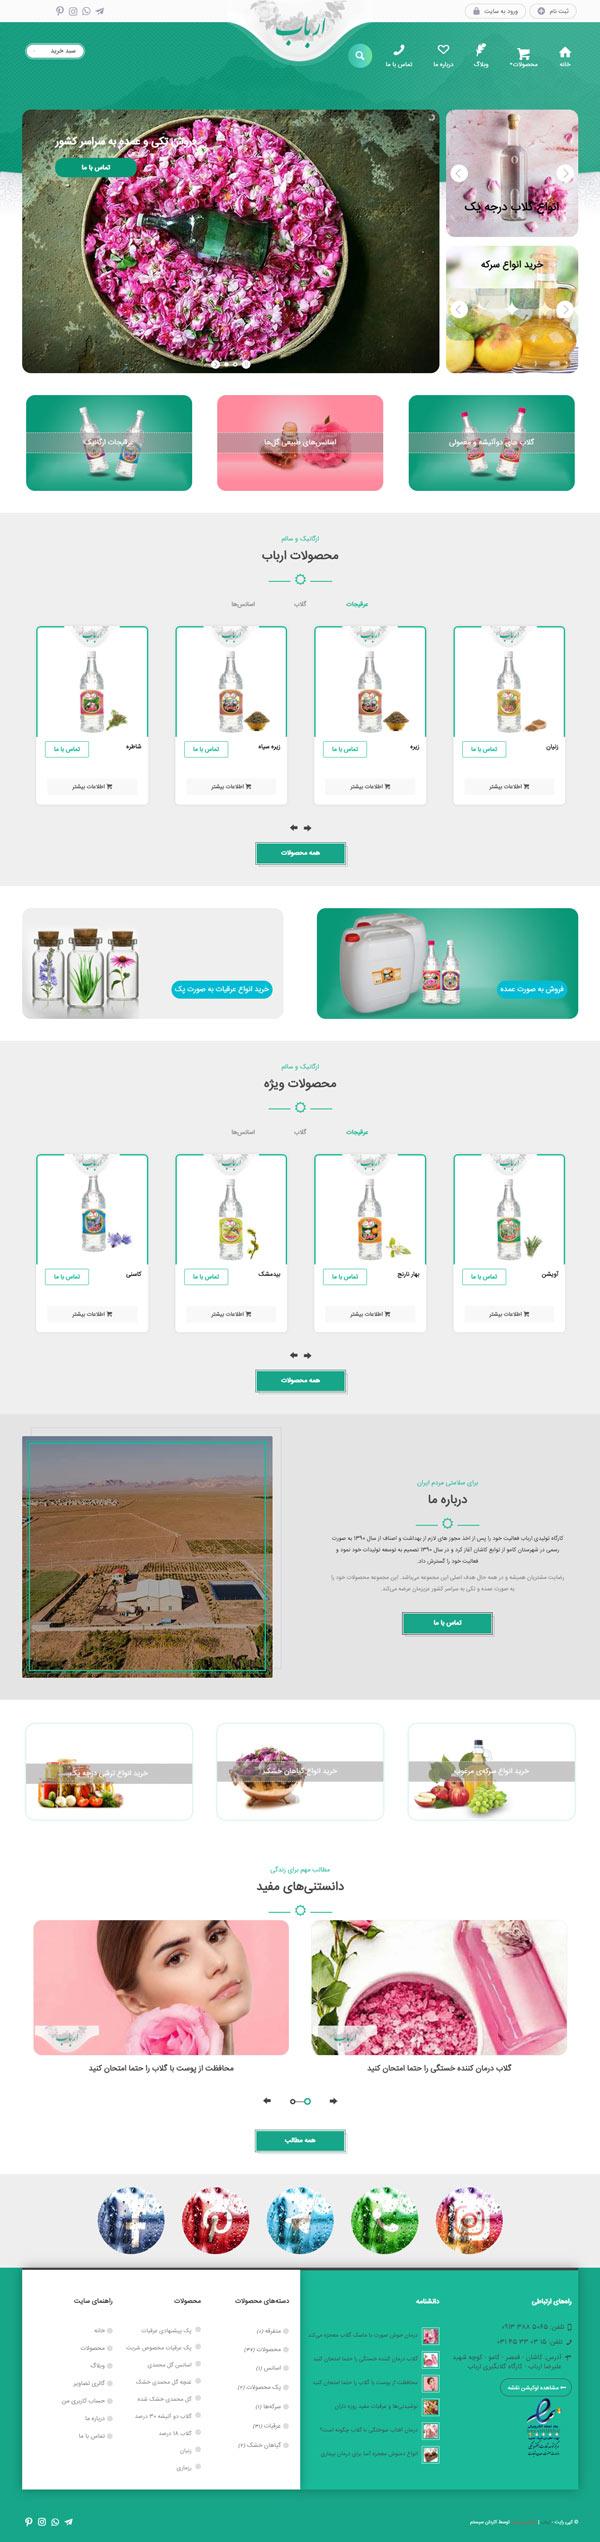 طراحی سایت ارباب | فروشگاه گلاب و عرقیجات